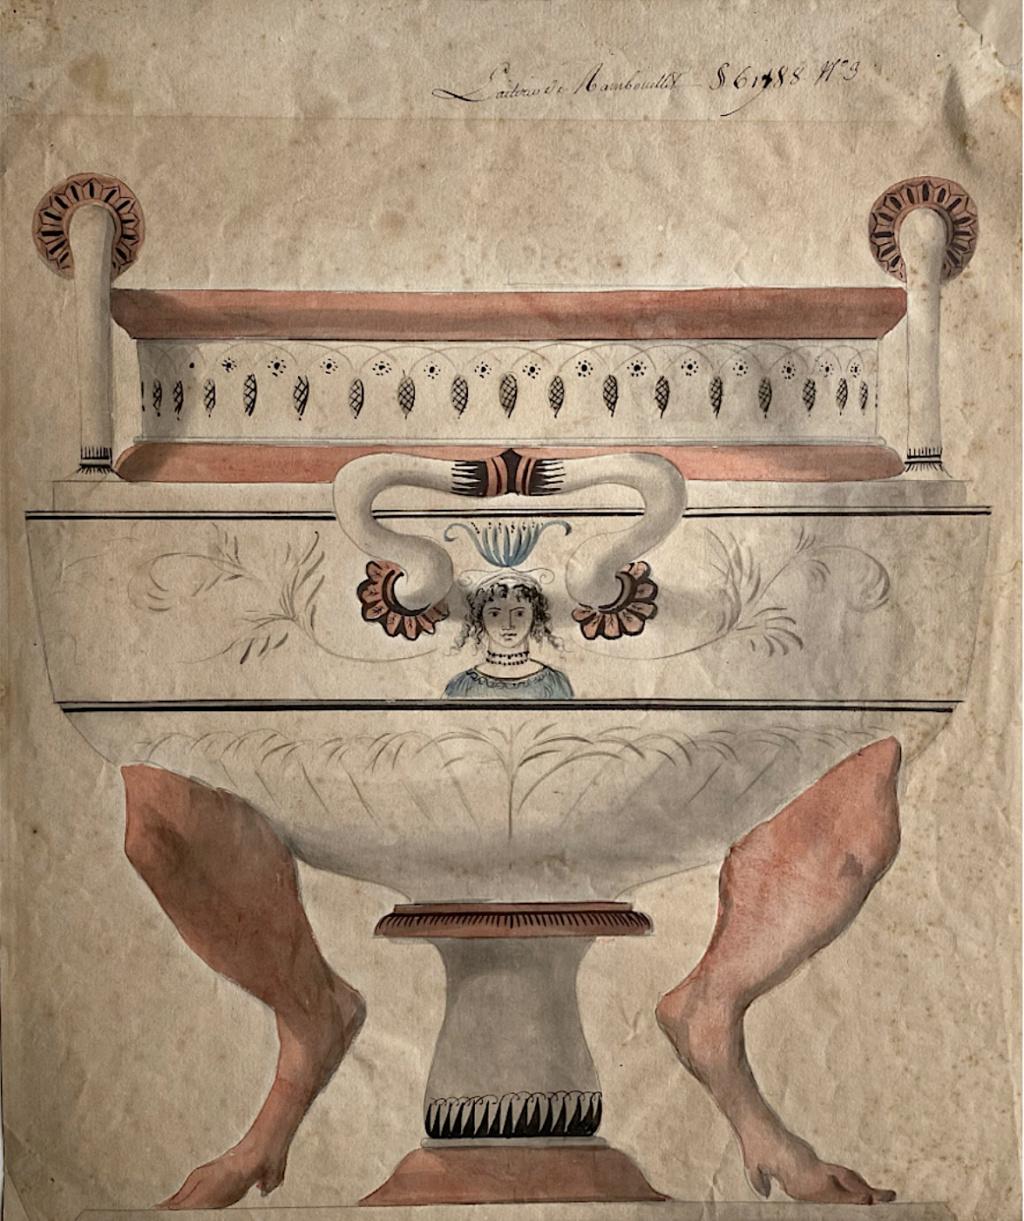 Service de Marie-Antoinette pour Rambouillet en porcelaine de Sèvres Capt2976